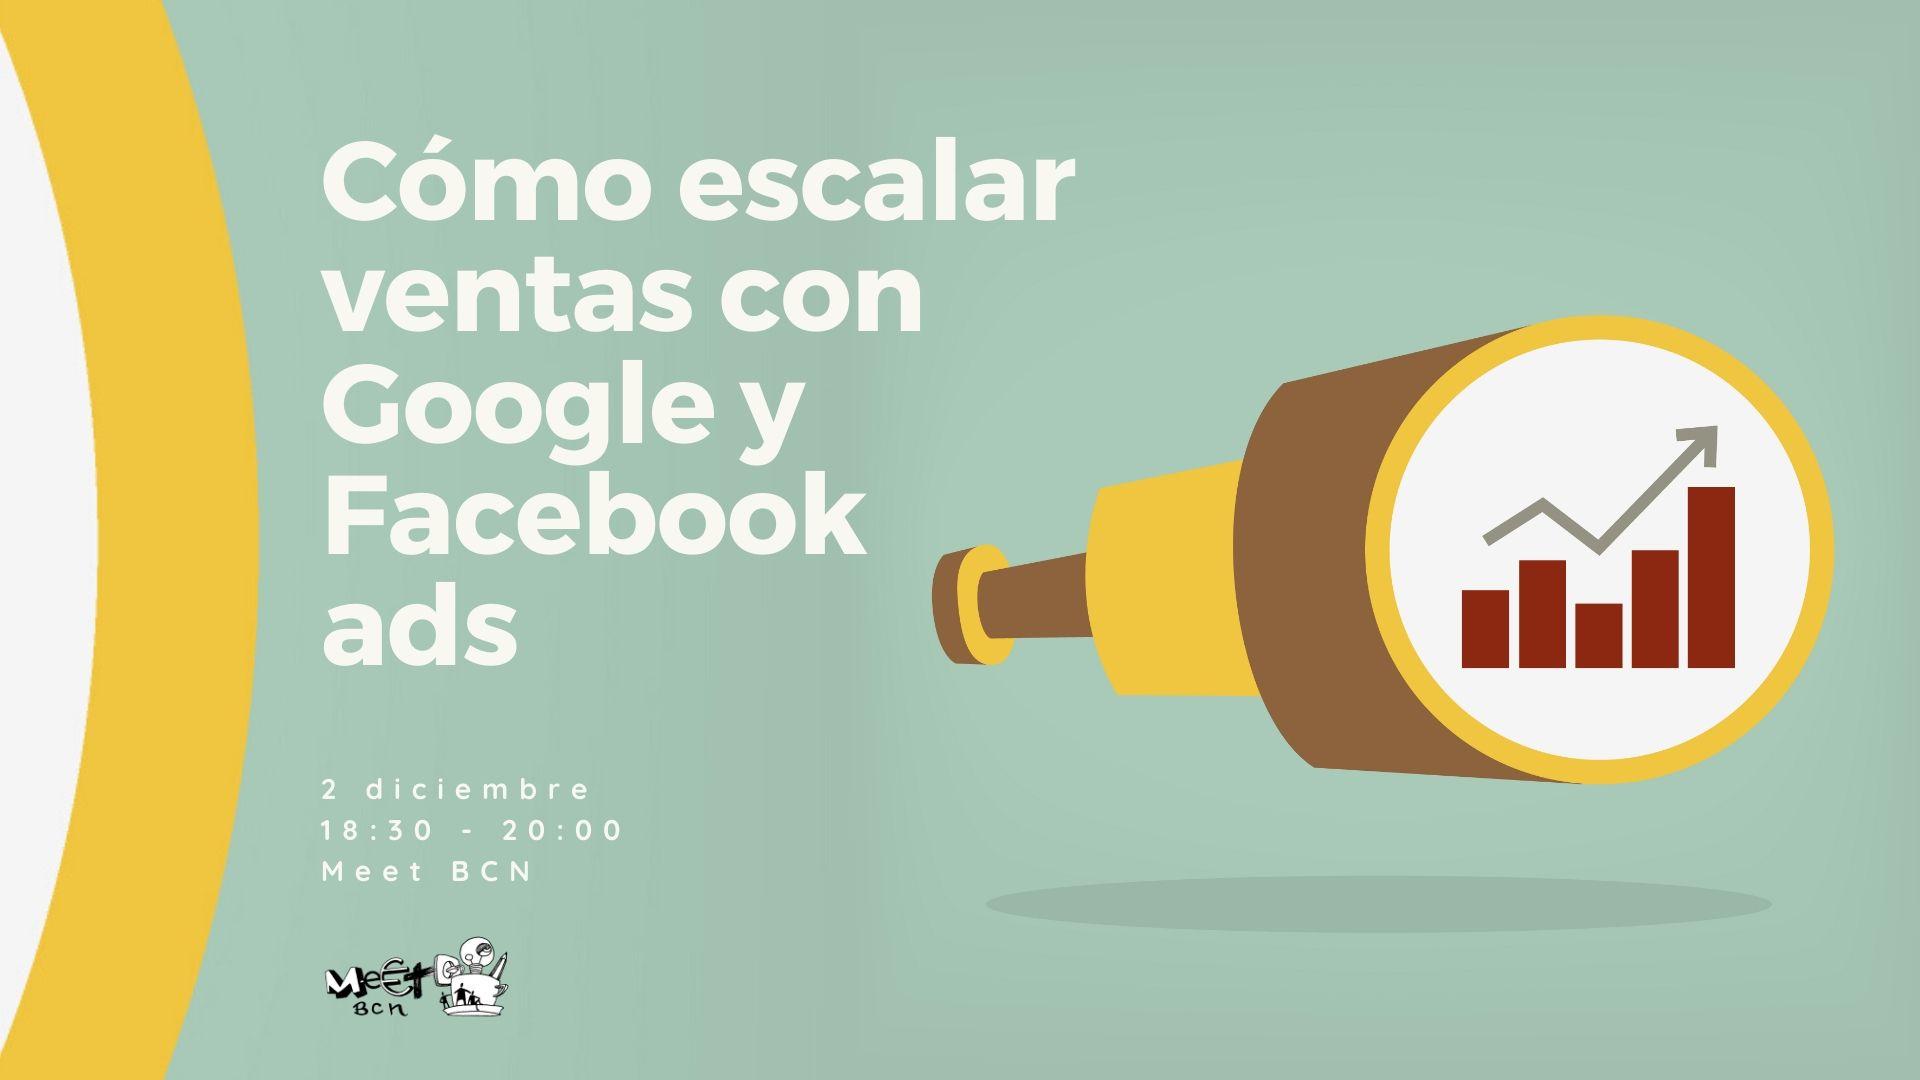 escalar ventas con Google y Facebook ads